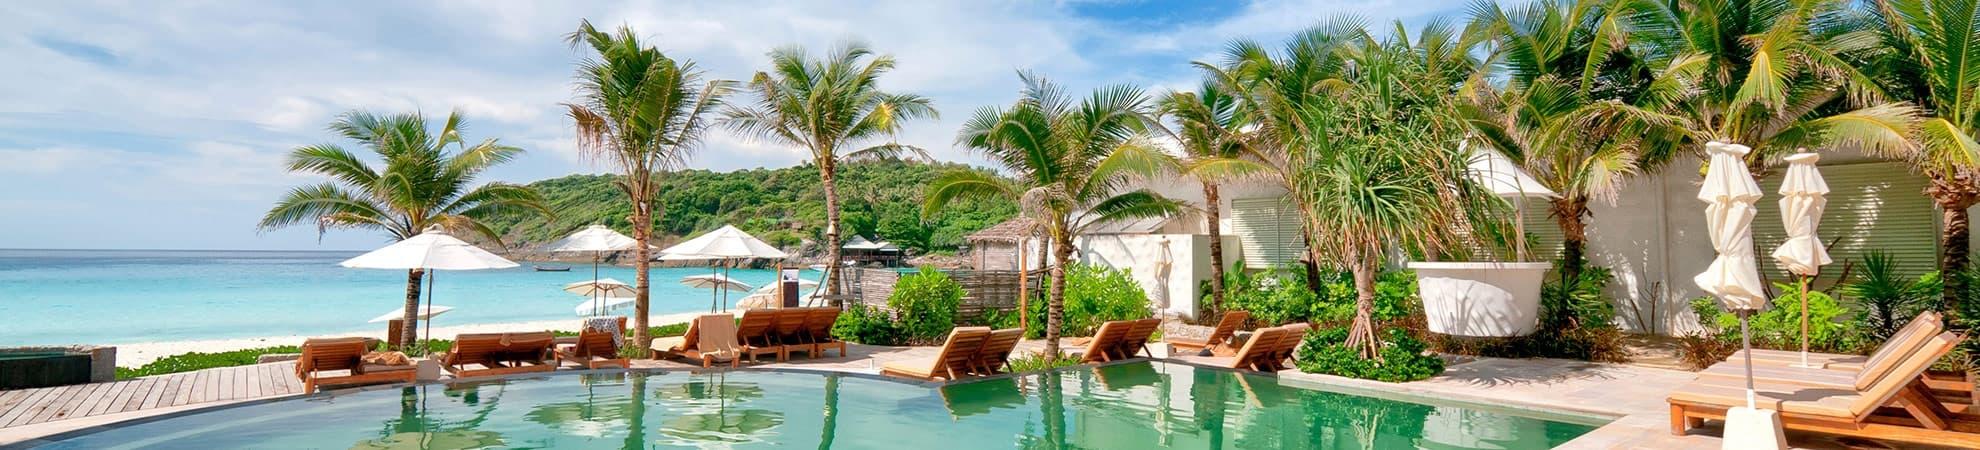 Hôtels Bali 4 étoiles